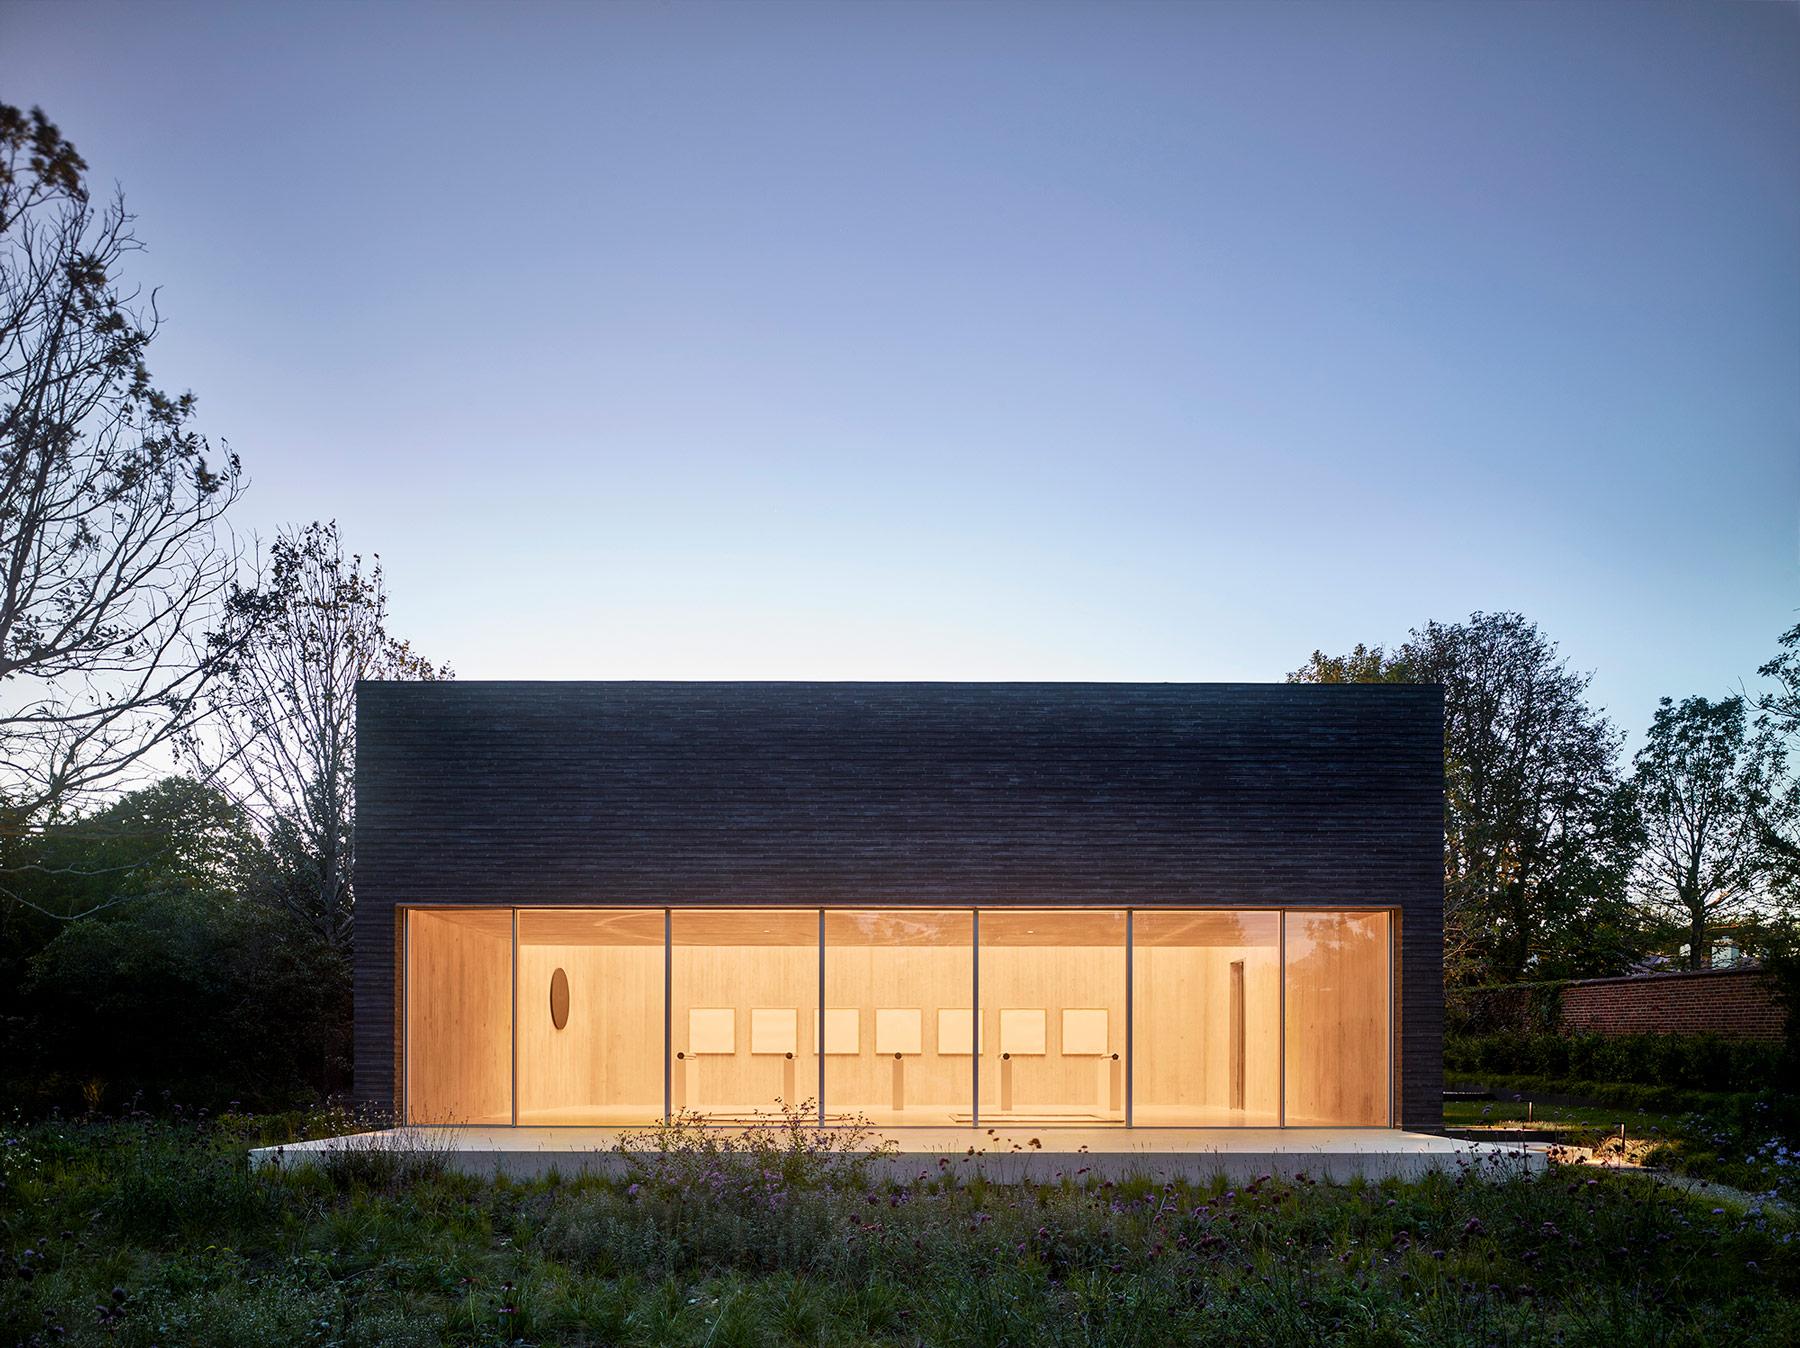 House design awards 2017 - De Maria Pavilion Courtesy Nikolas Koenig